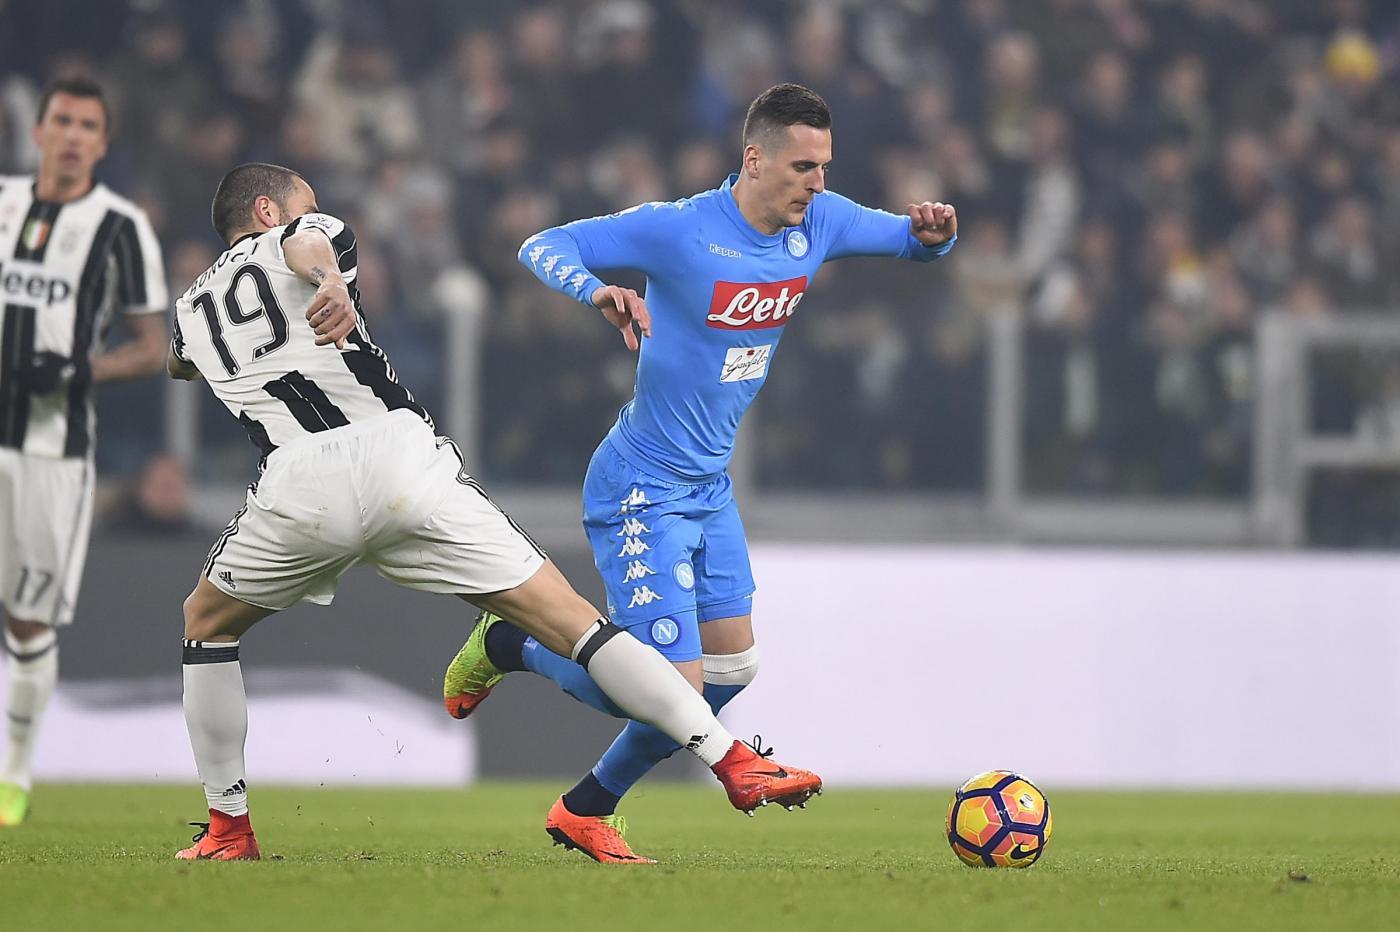 Napoli-Juventus è attesa soprattutto mediatica, per strada se ne parla poco